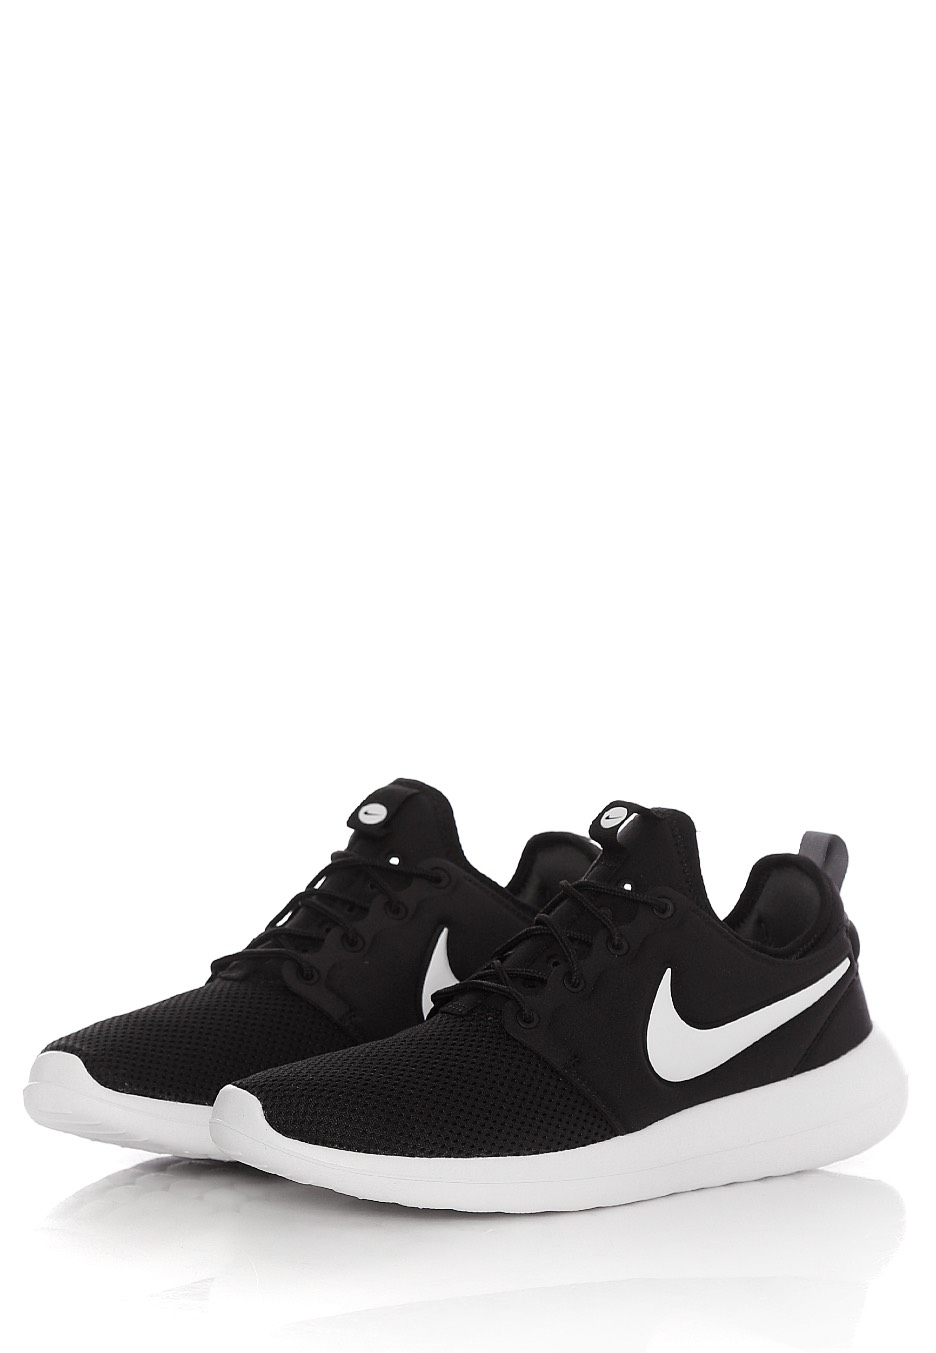 timeless design 413e6 09049 Nike - Roshe Two Black White Anthracite White - Shoes .